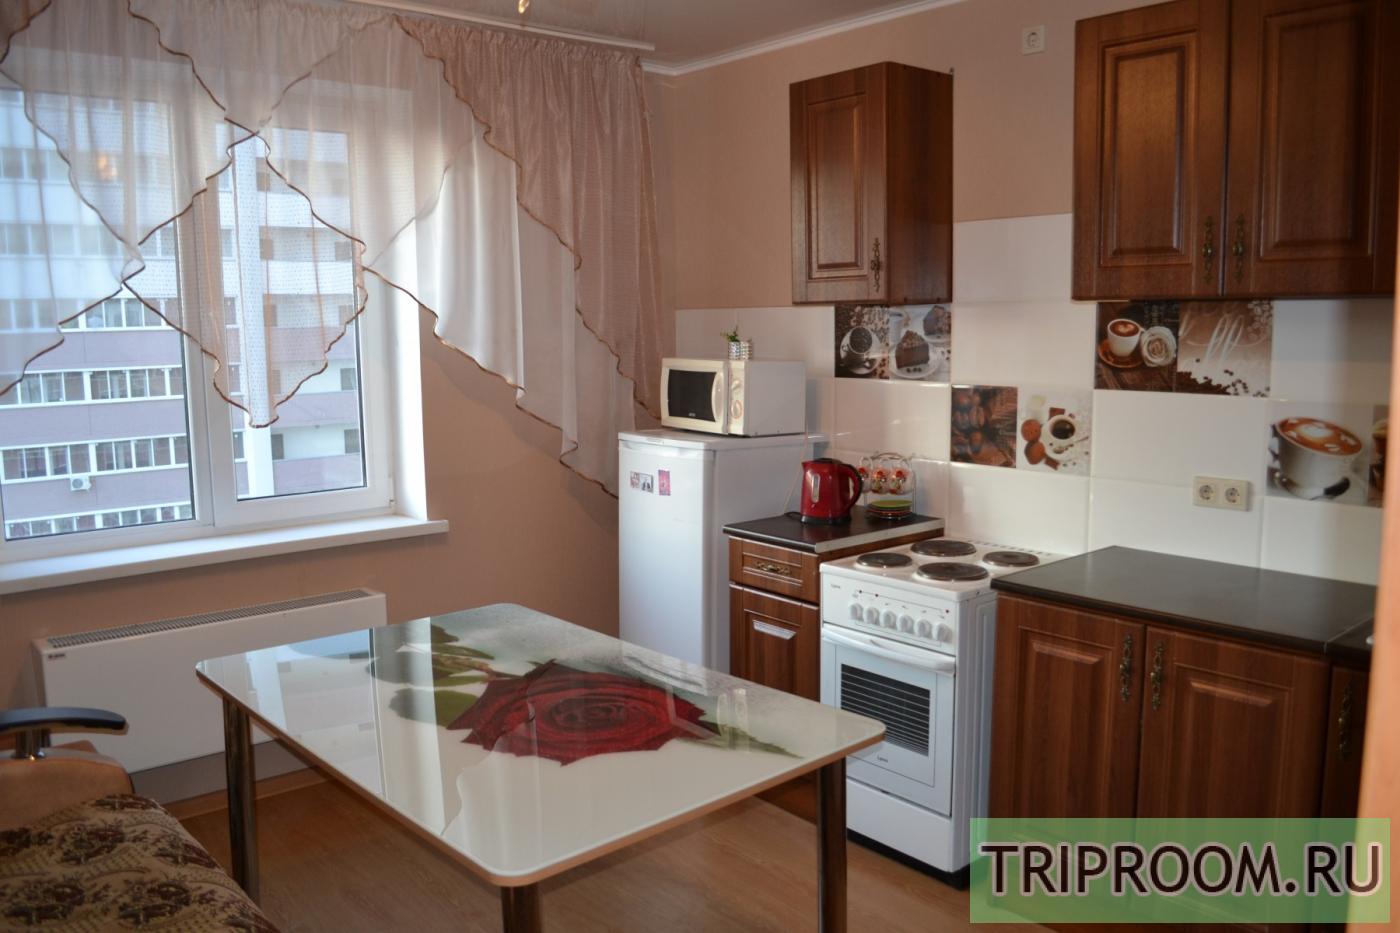 2-комнатная квартира посуточно (вариант № 36246), ул. Олимпийский бульвар, фото № 2